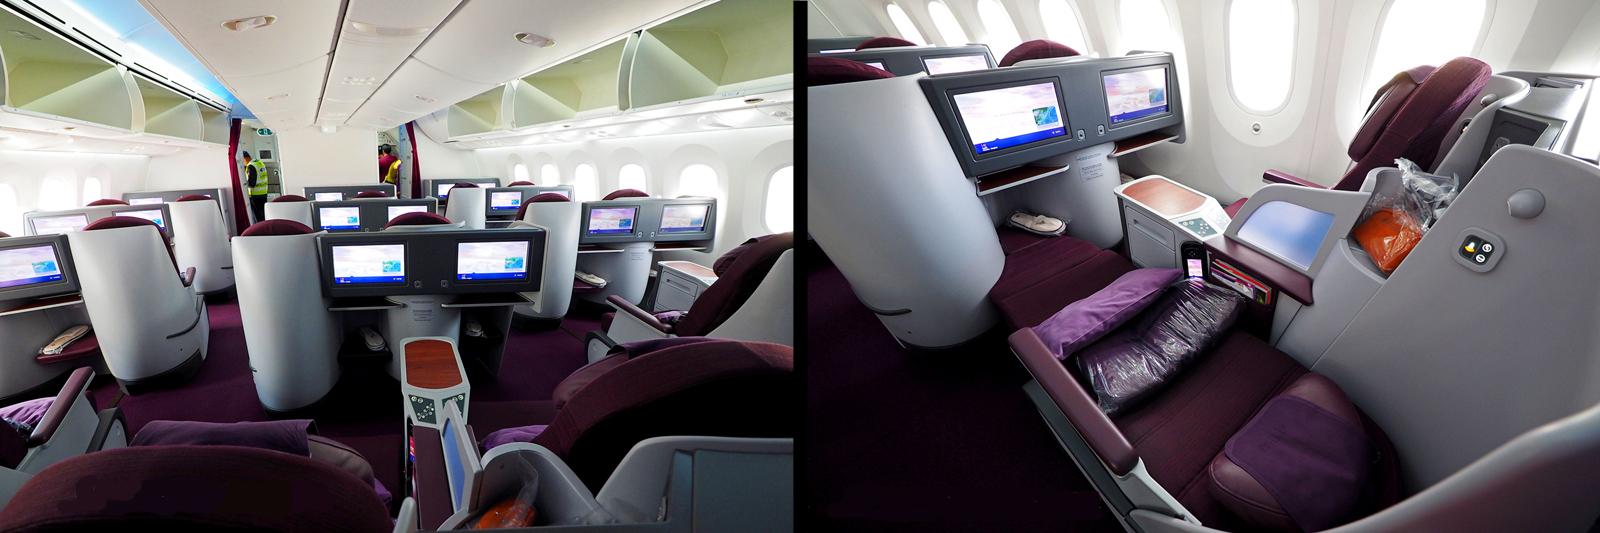 A quoi ressemblera la prochaine classe Affaires Poerava d'Air Tahiti Nui ? (épisode 3)